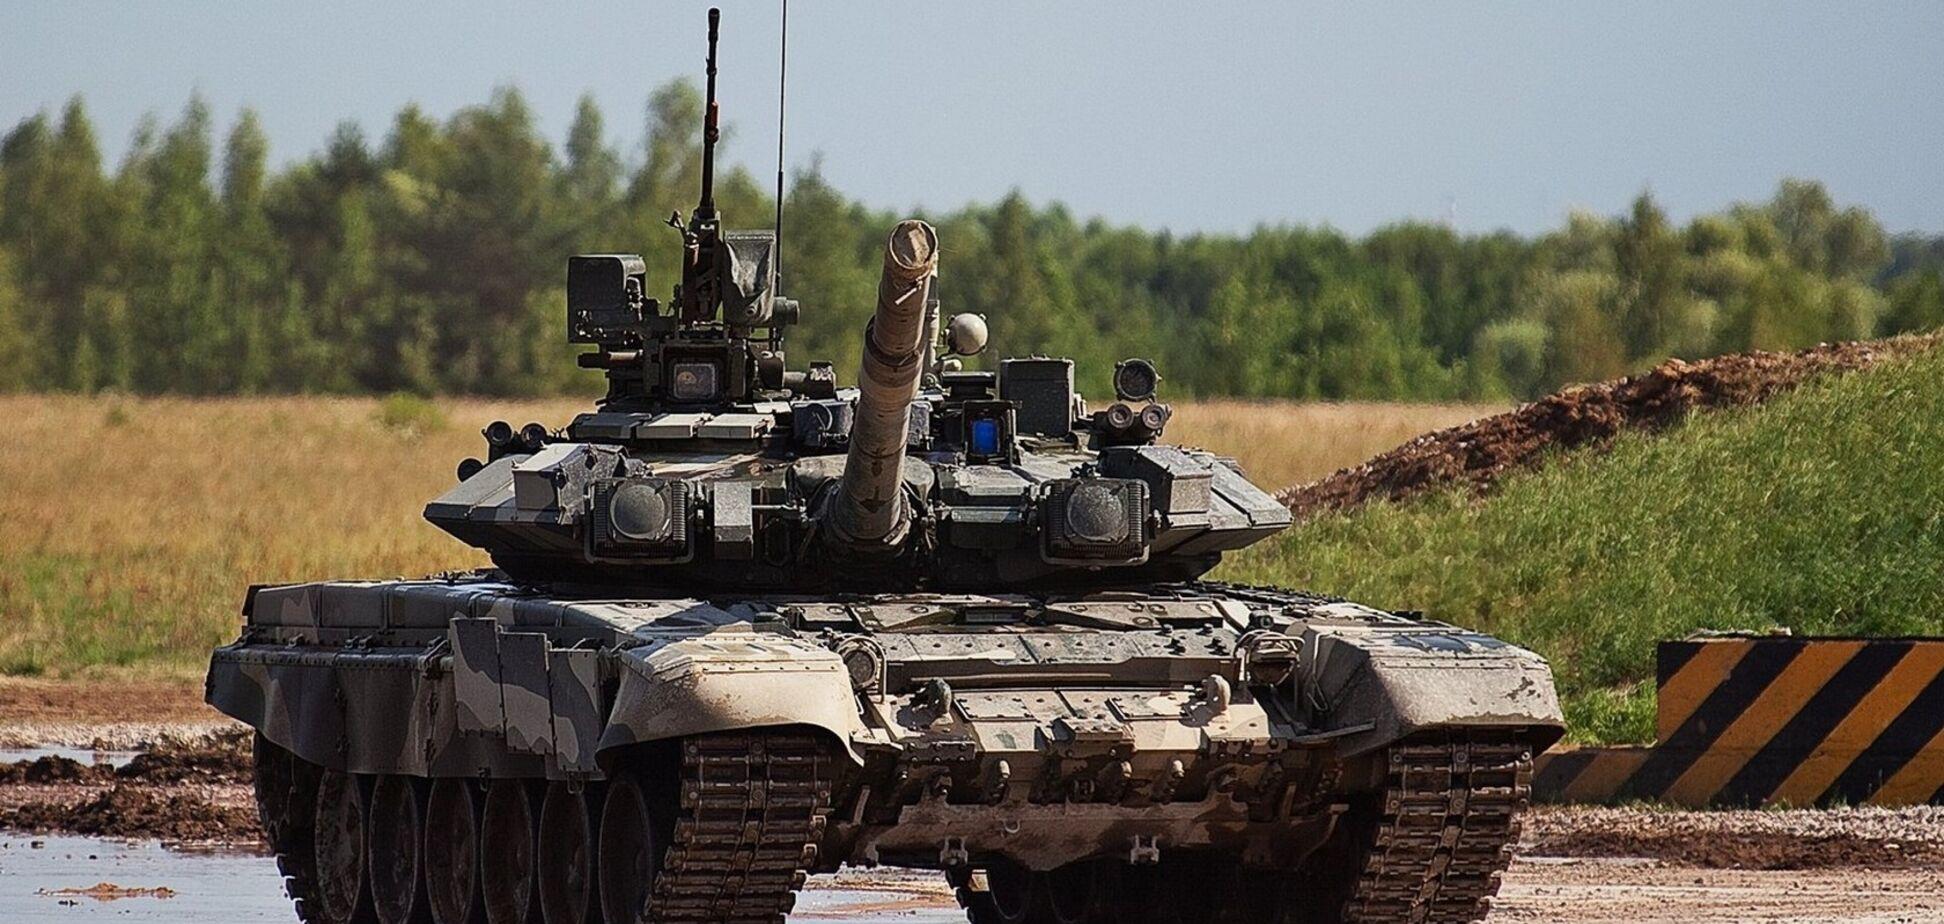 Слава Рабинович передрік підсумок введення танків Путіна до Маріуполя